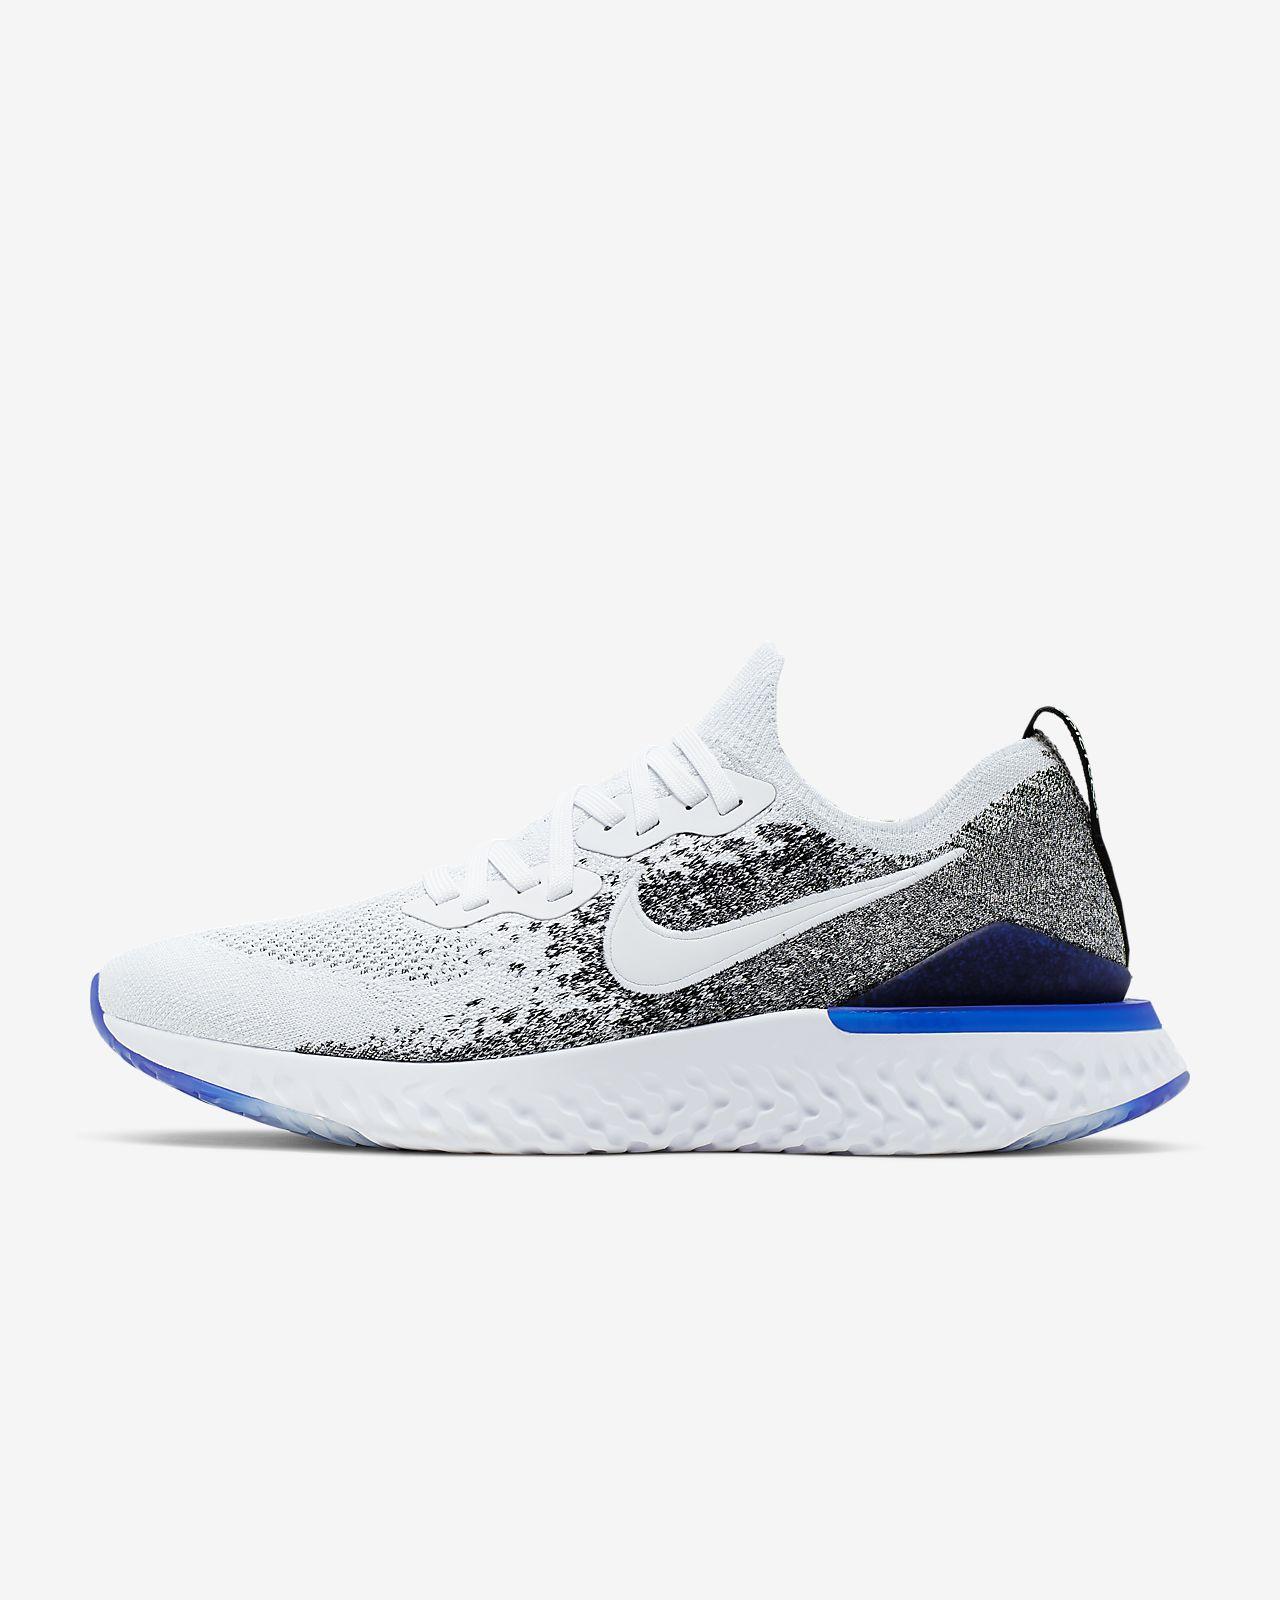 Pánská běžecká bota Nike Epic React Flyknit 2